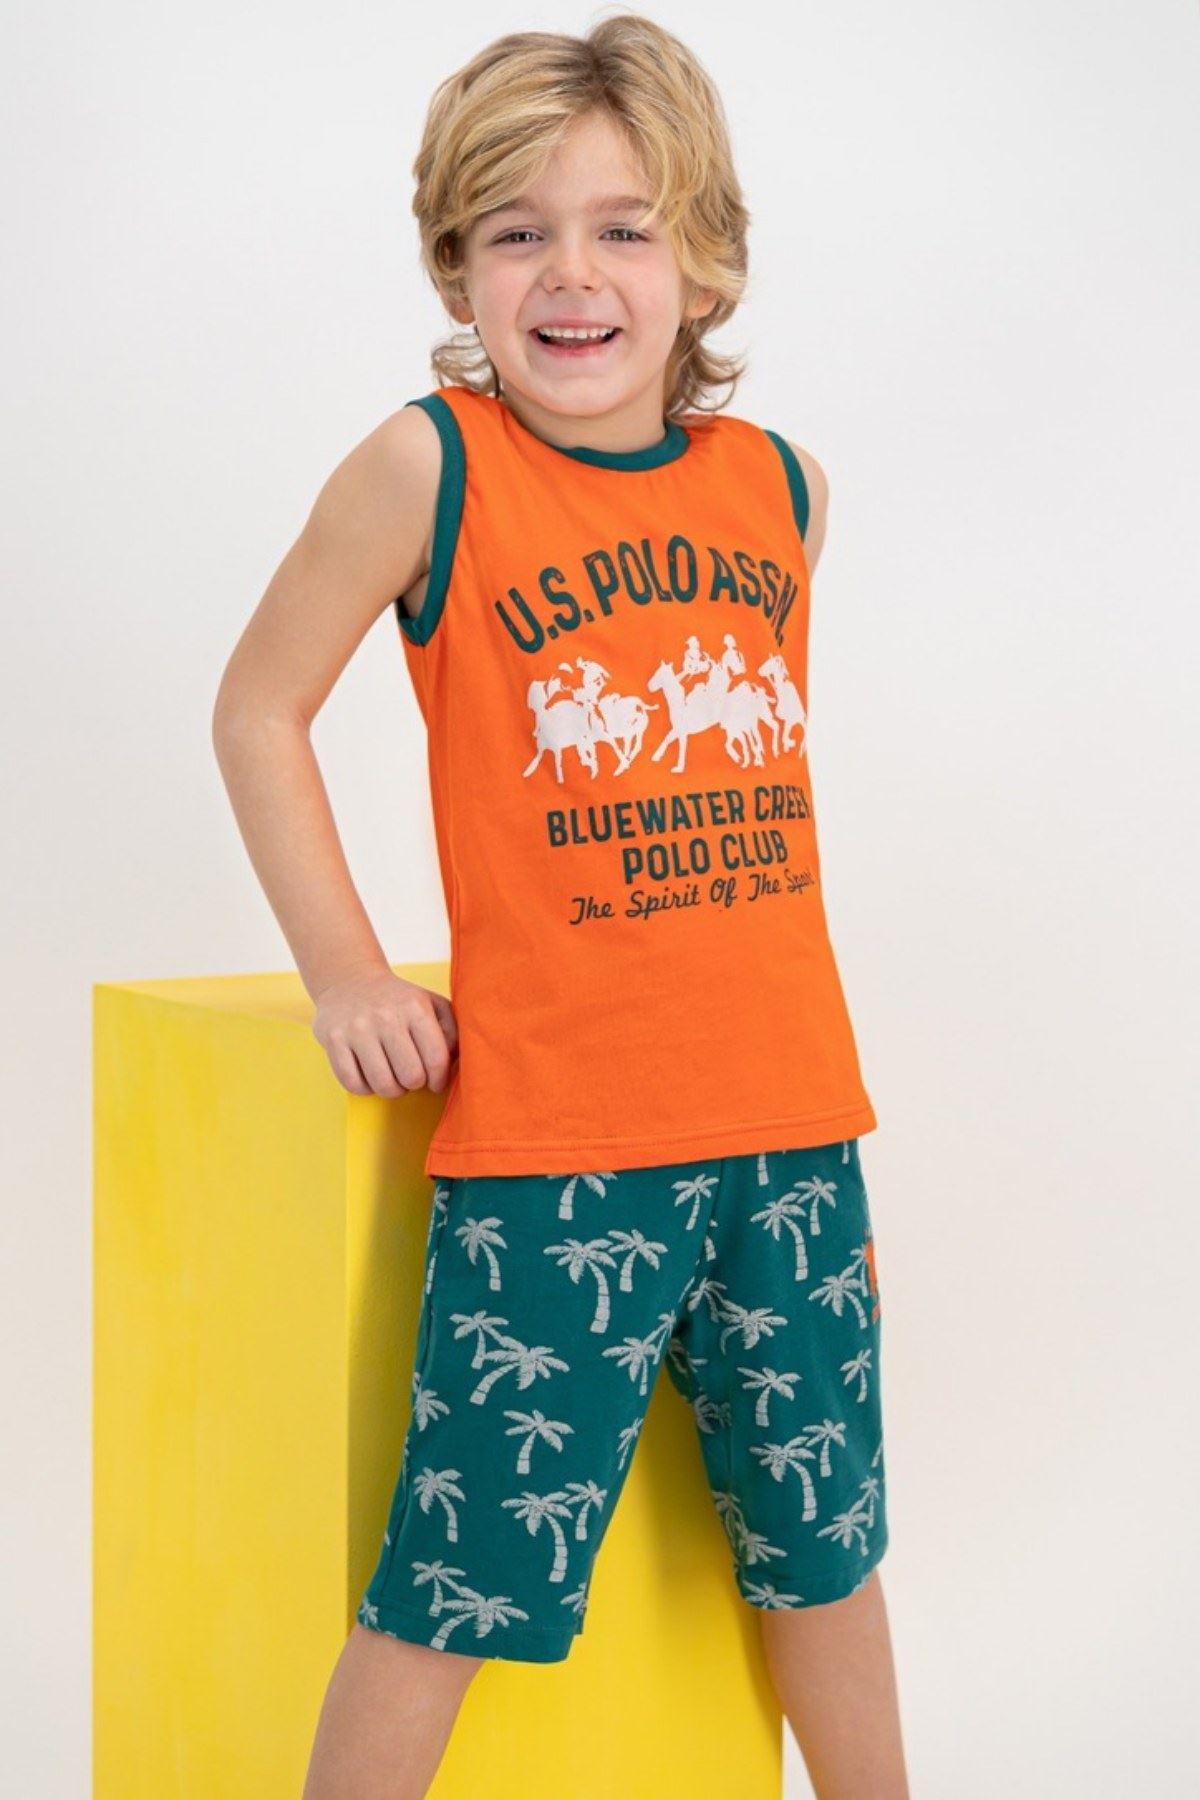 4-7 Yaş Us Polo ASSN Lisanslı Bluewater Turuncu Erkek Çocuk Takım